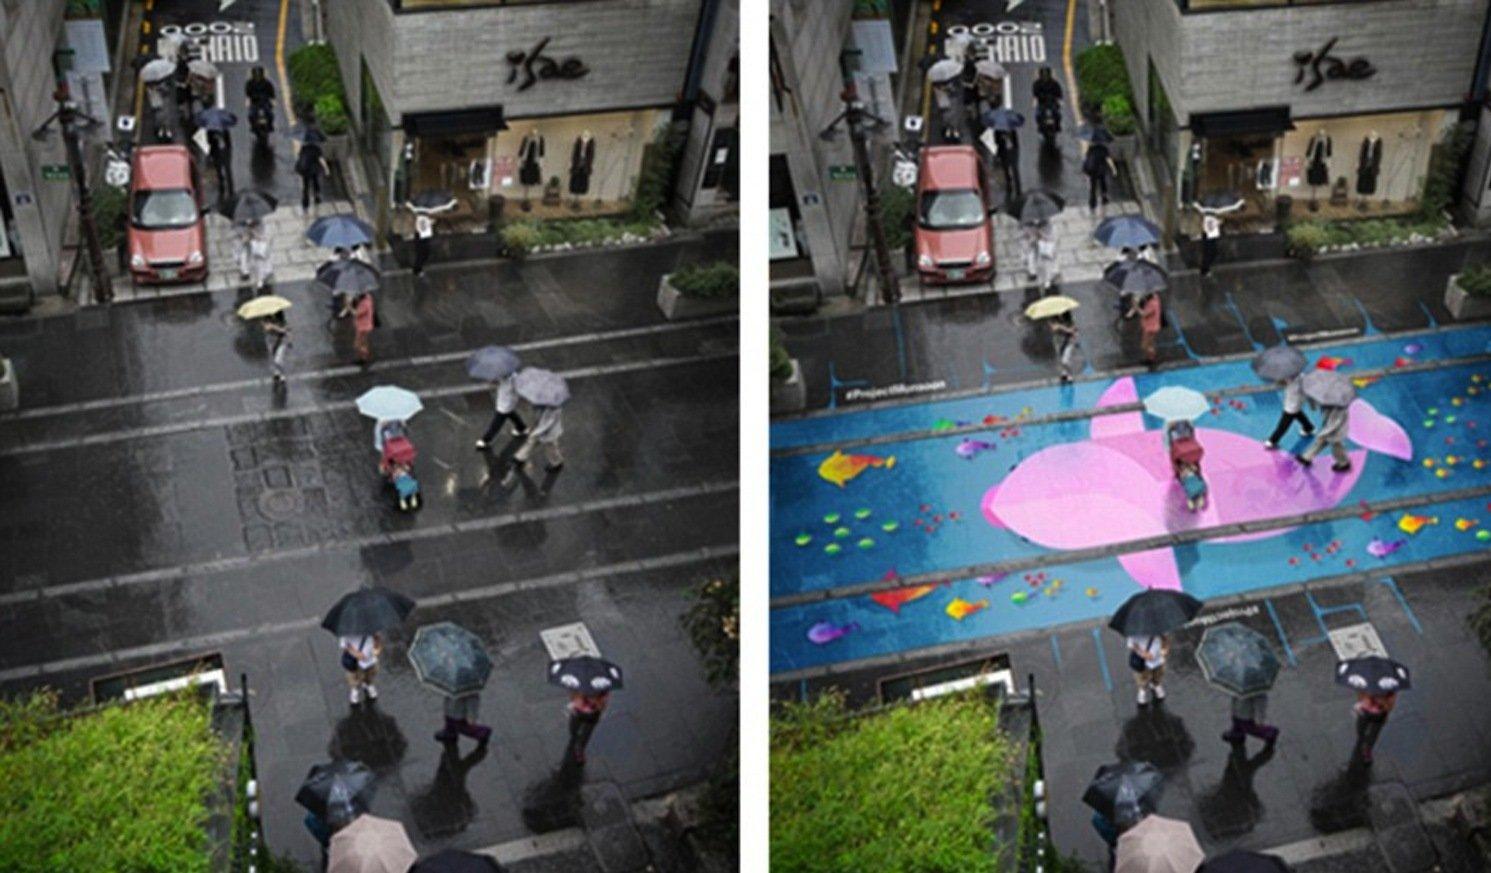 Die hydrochromen Farben werden nur im Regen sichtbar. Dann verwandeln sie graue Straßenzüge in farbenfrohe Bilder.